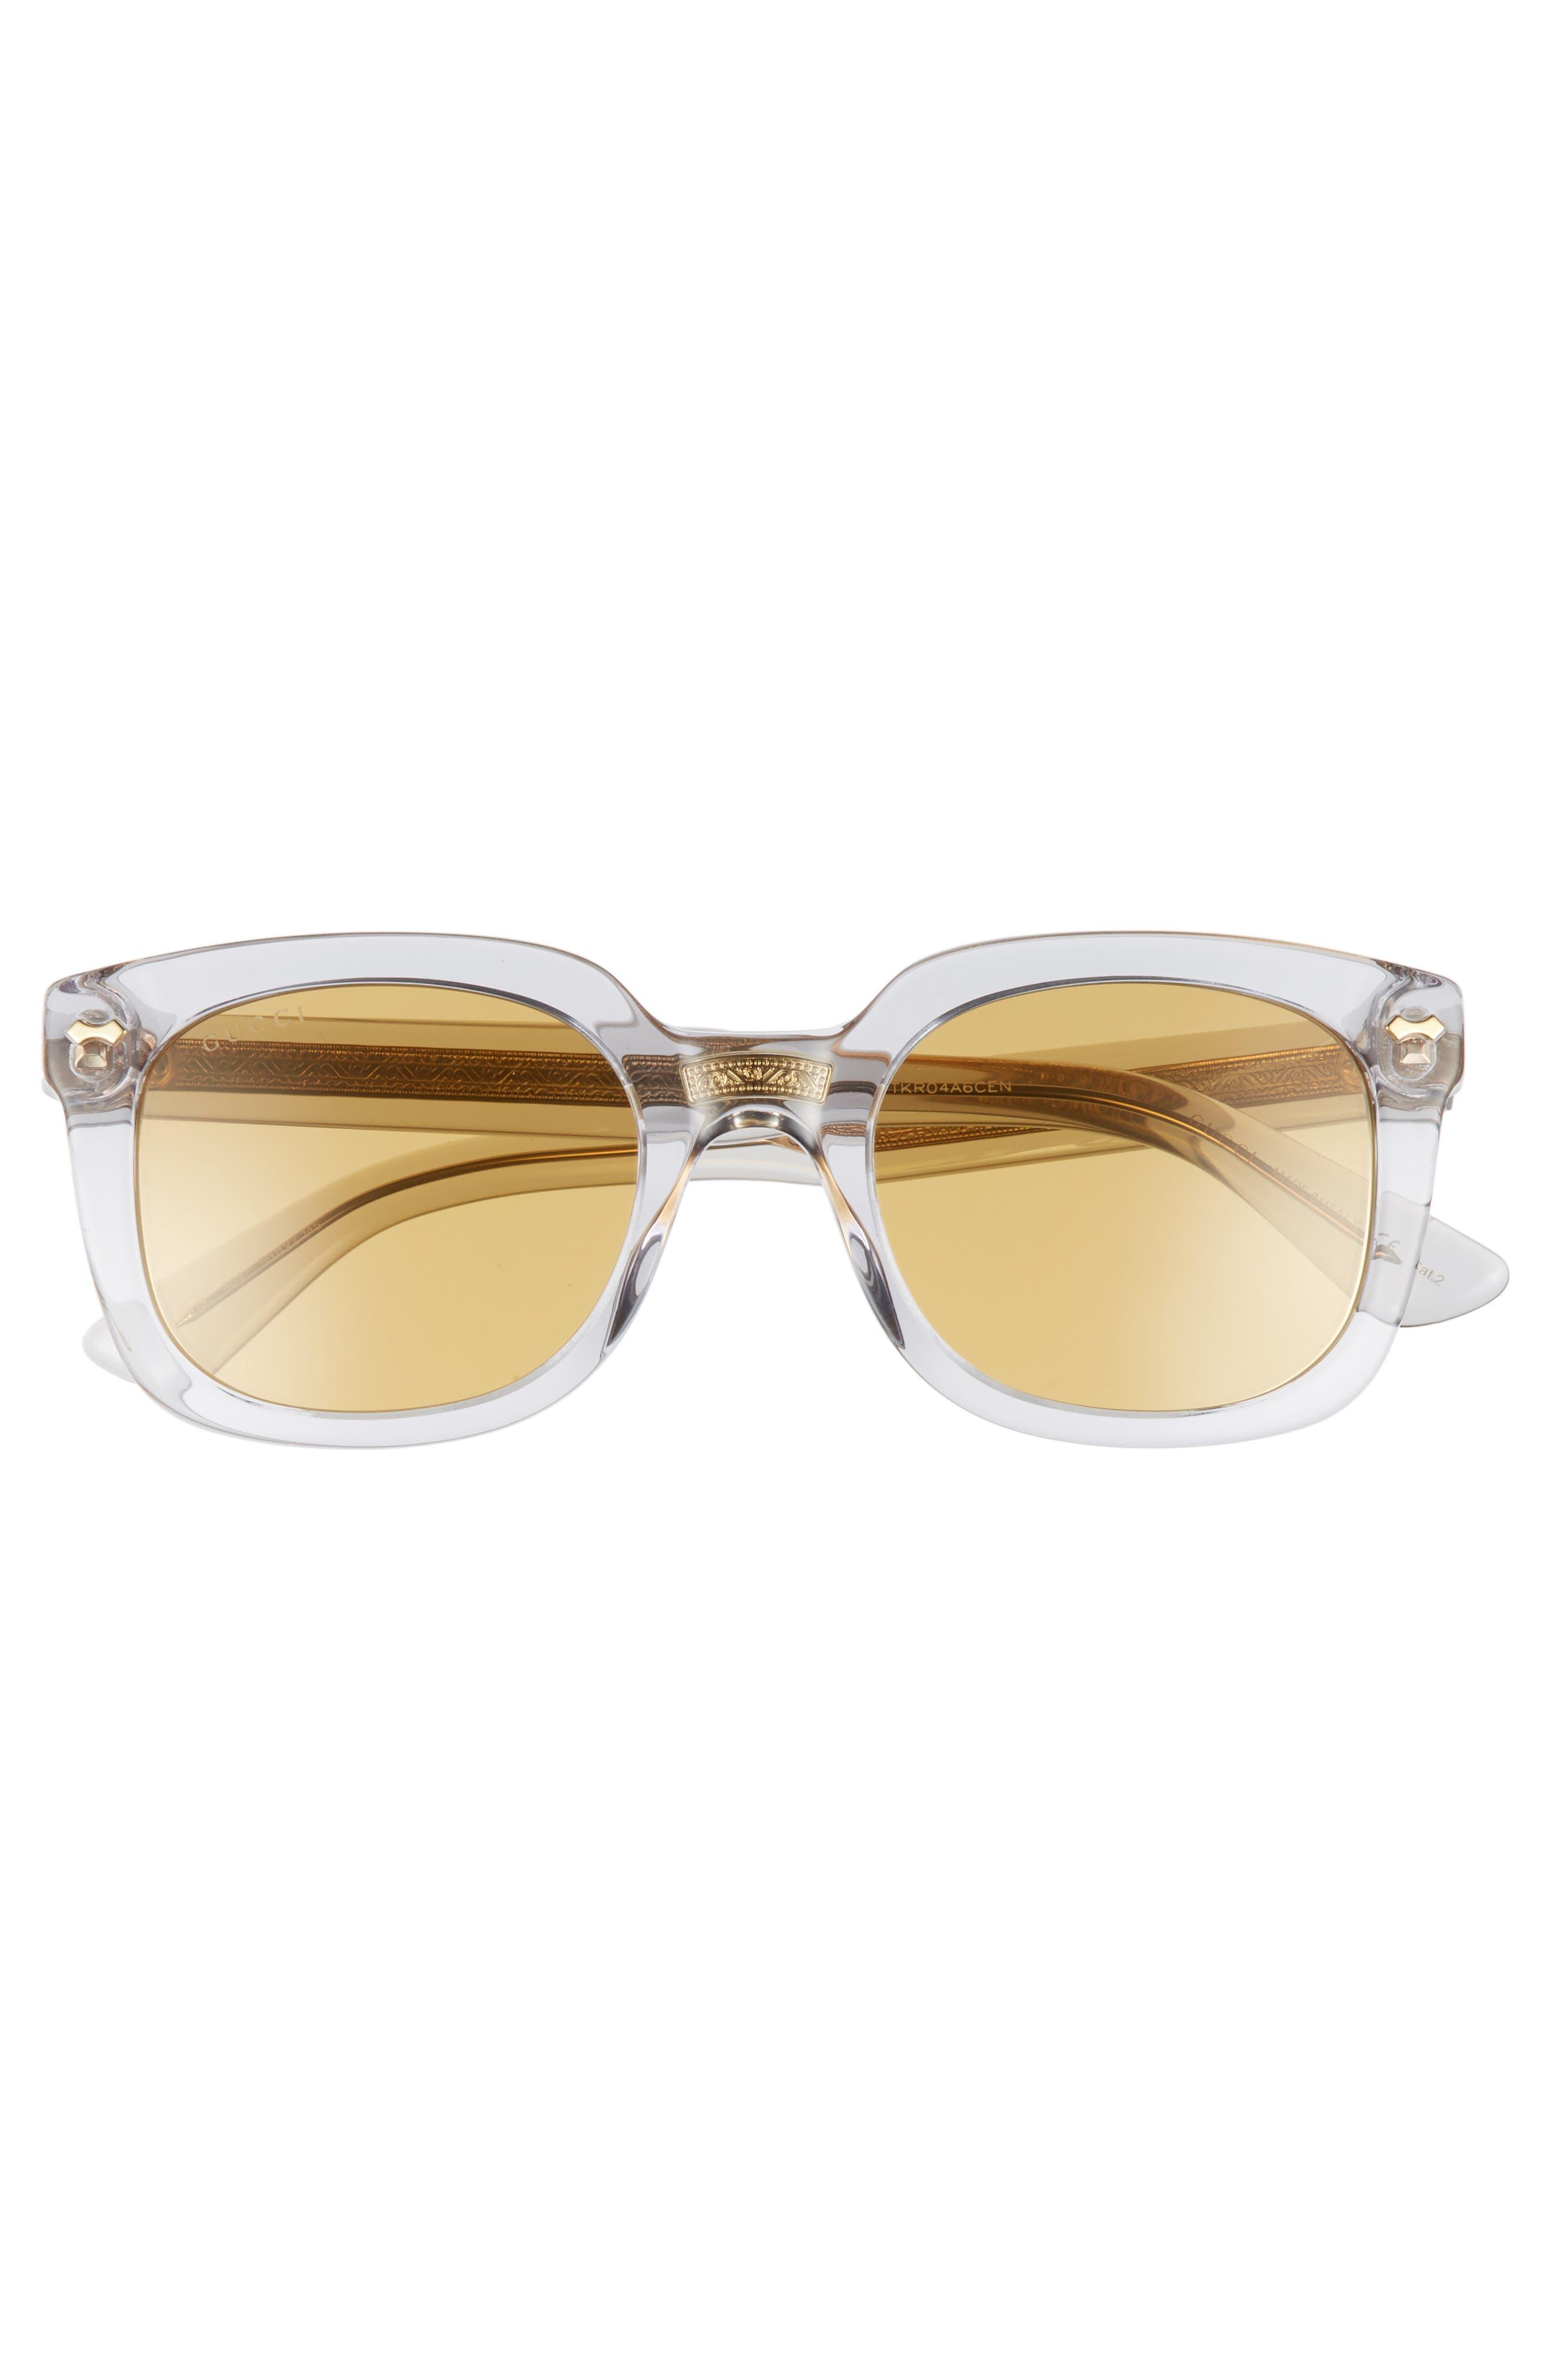 Alternate Image 2  - Gucci 50mm Square Sunglasses